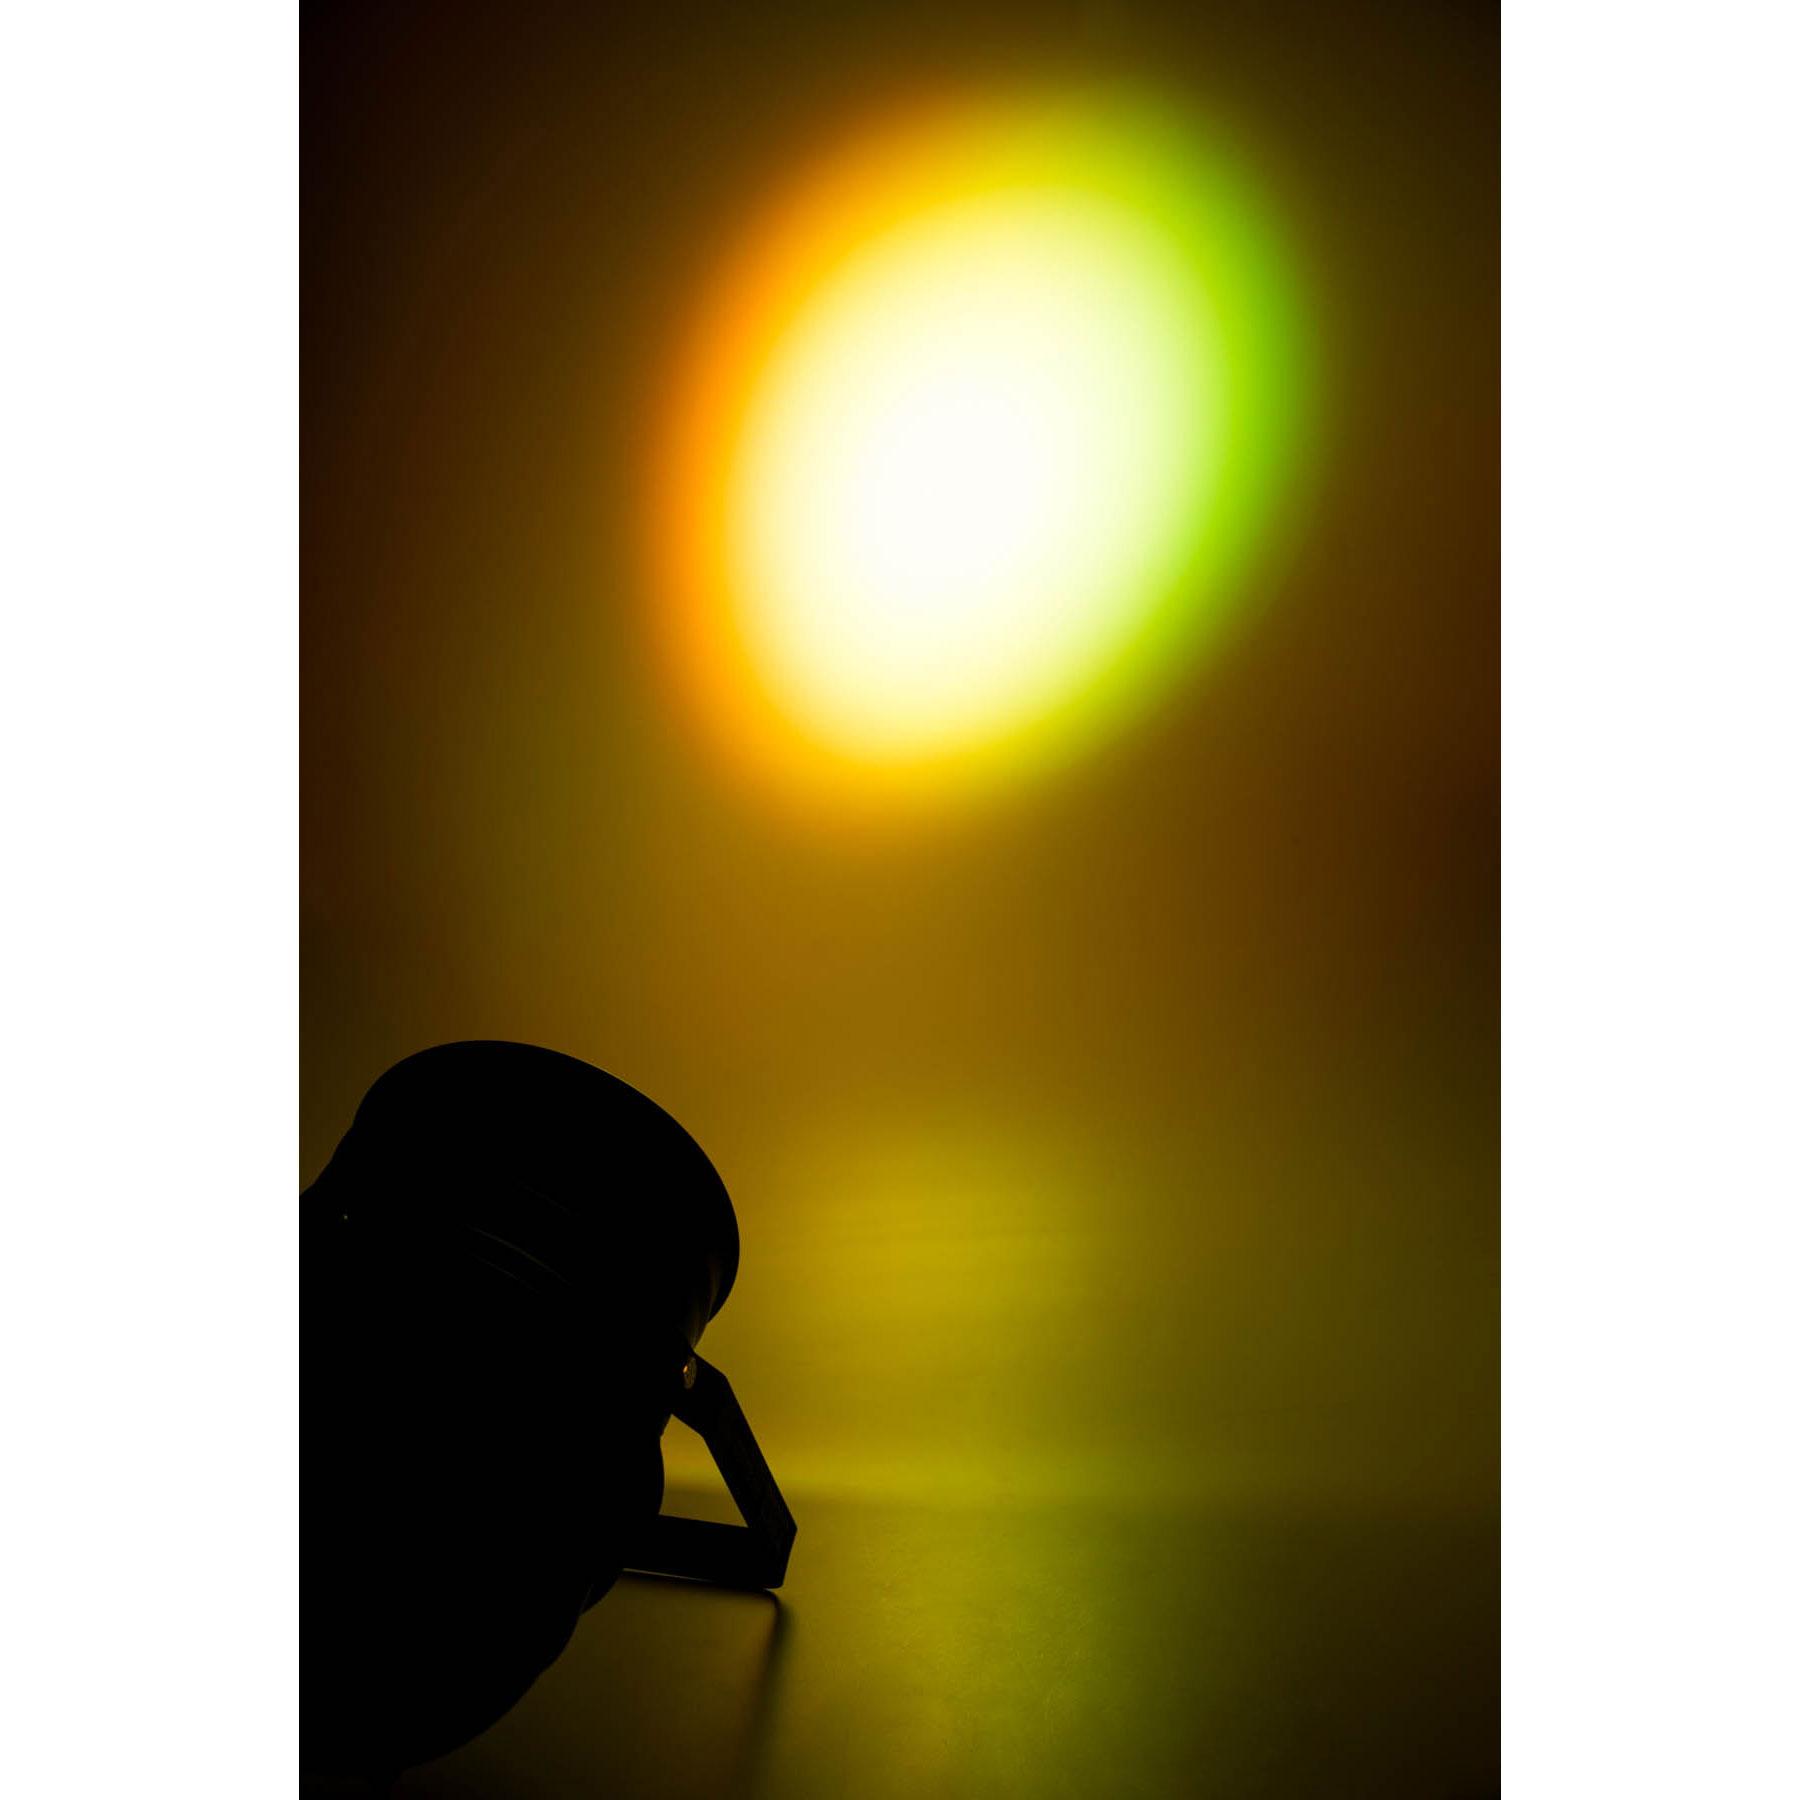 1800x1800 Talent Lp64led Multi Color Led Par 64 Stage Light Fixture With 181